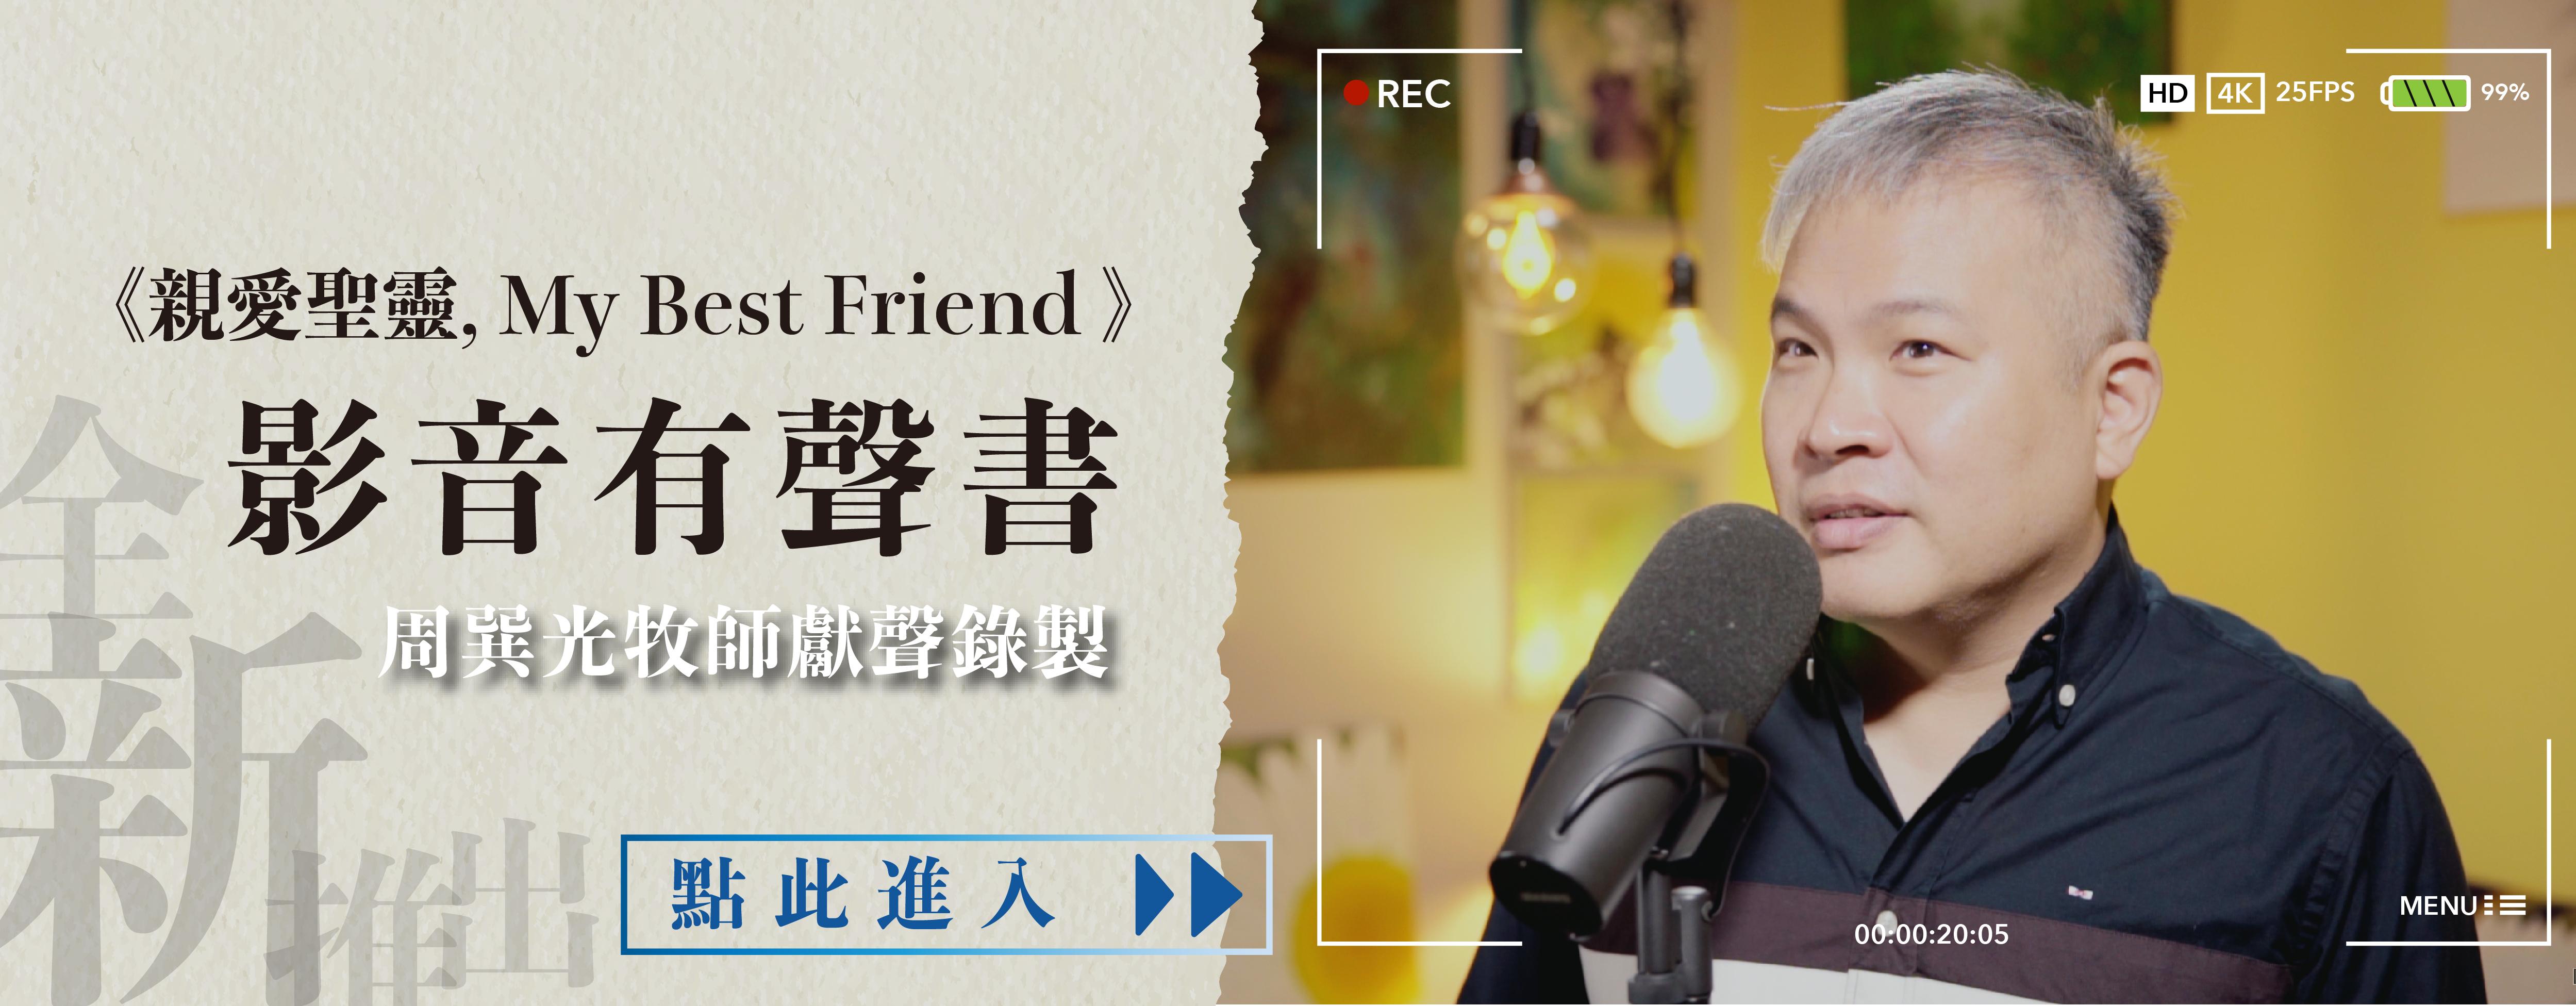 影音有聲書:親愛聖靈,My Best Friend